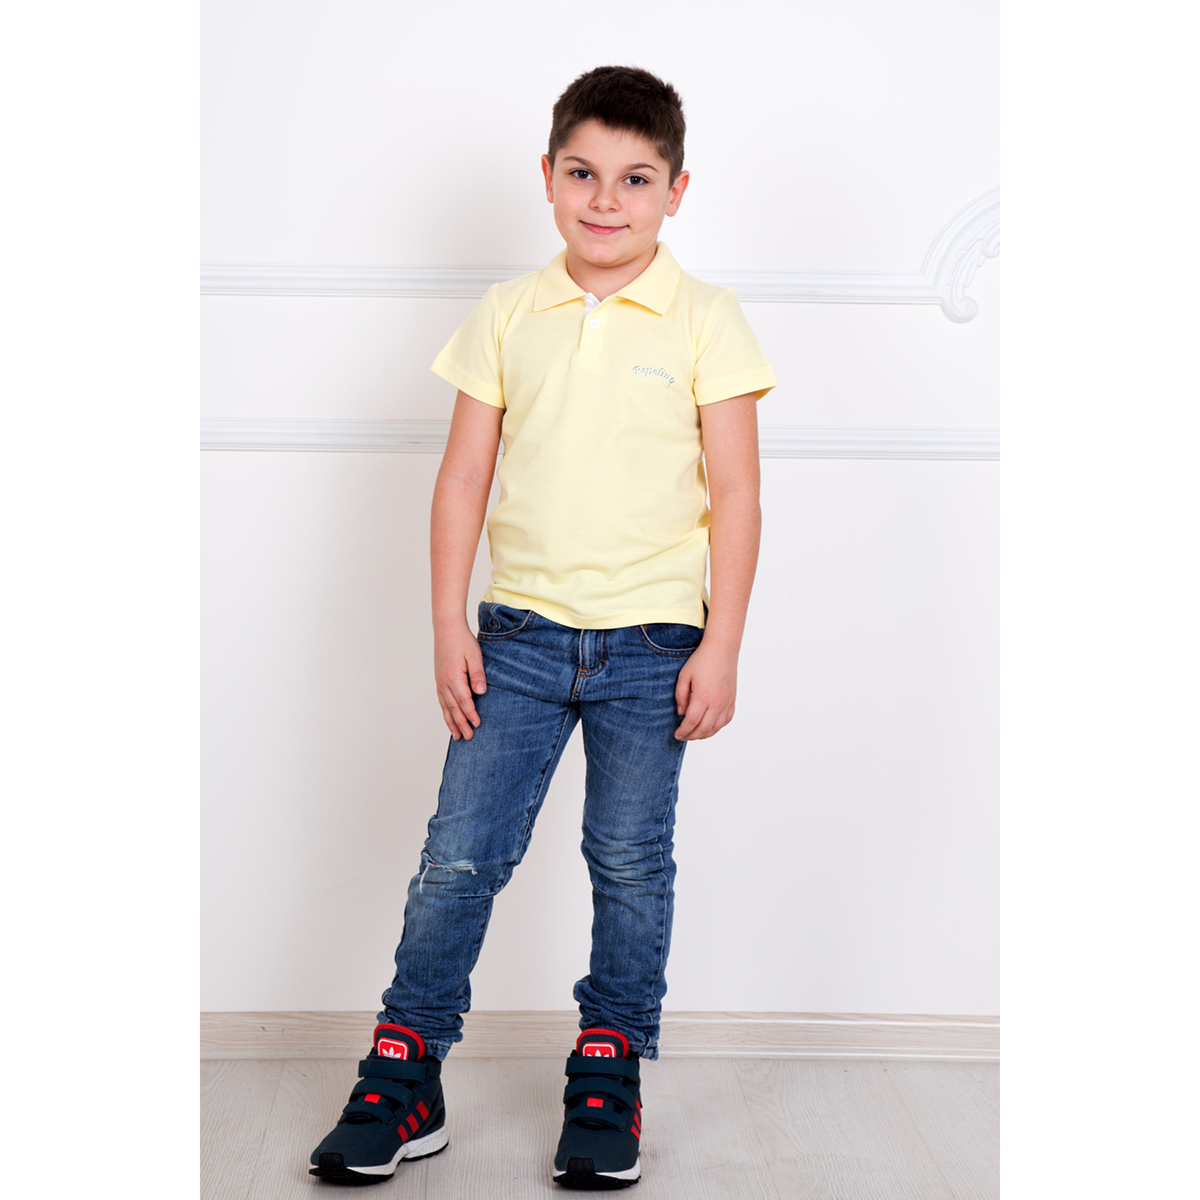 """Купить со скидкой Детская футболка-поло """"Круиз"""", размер 6 лет"""